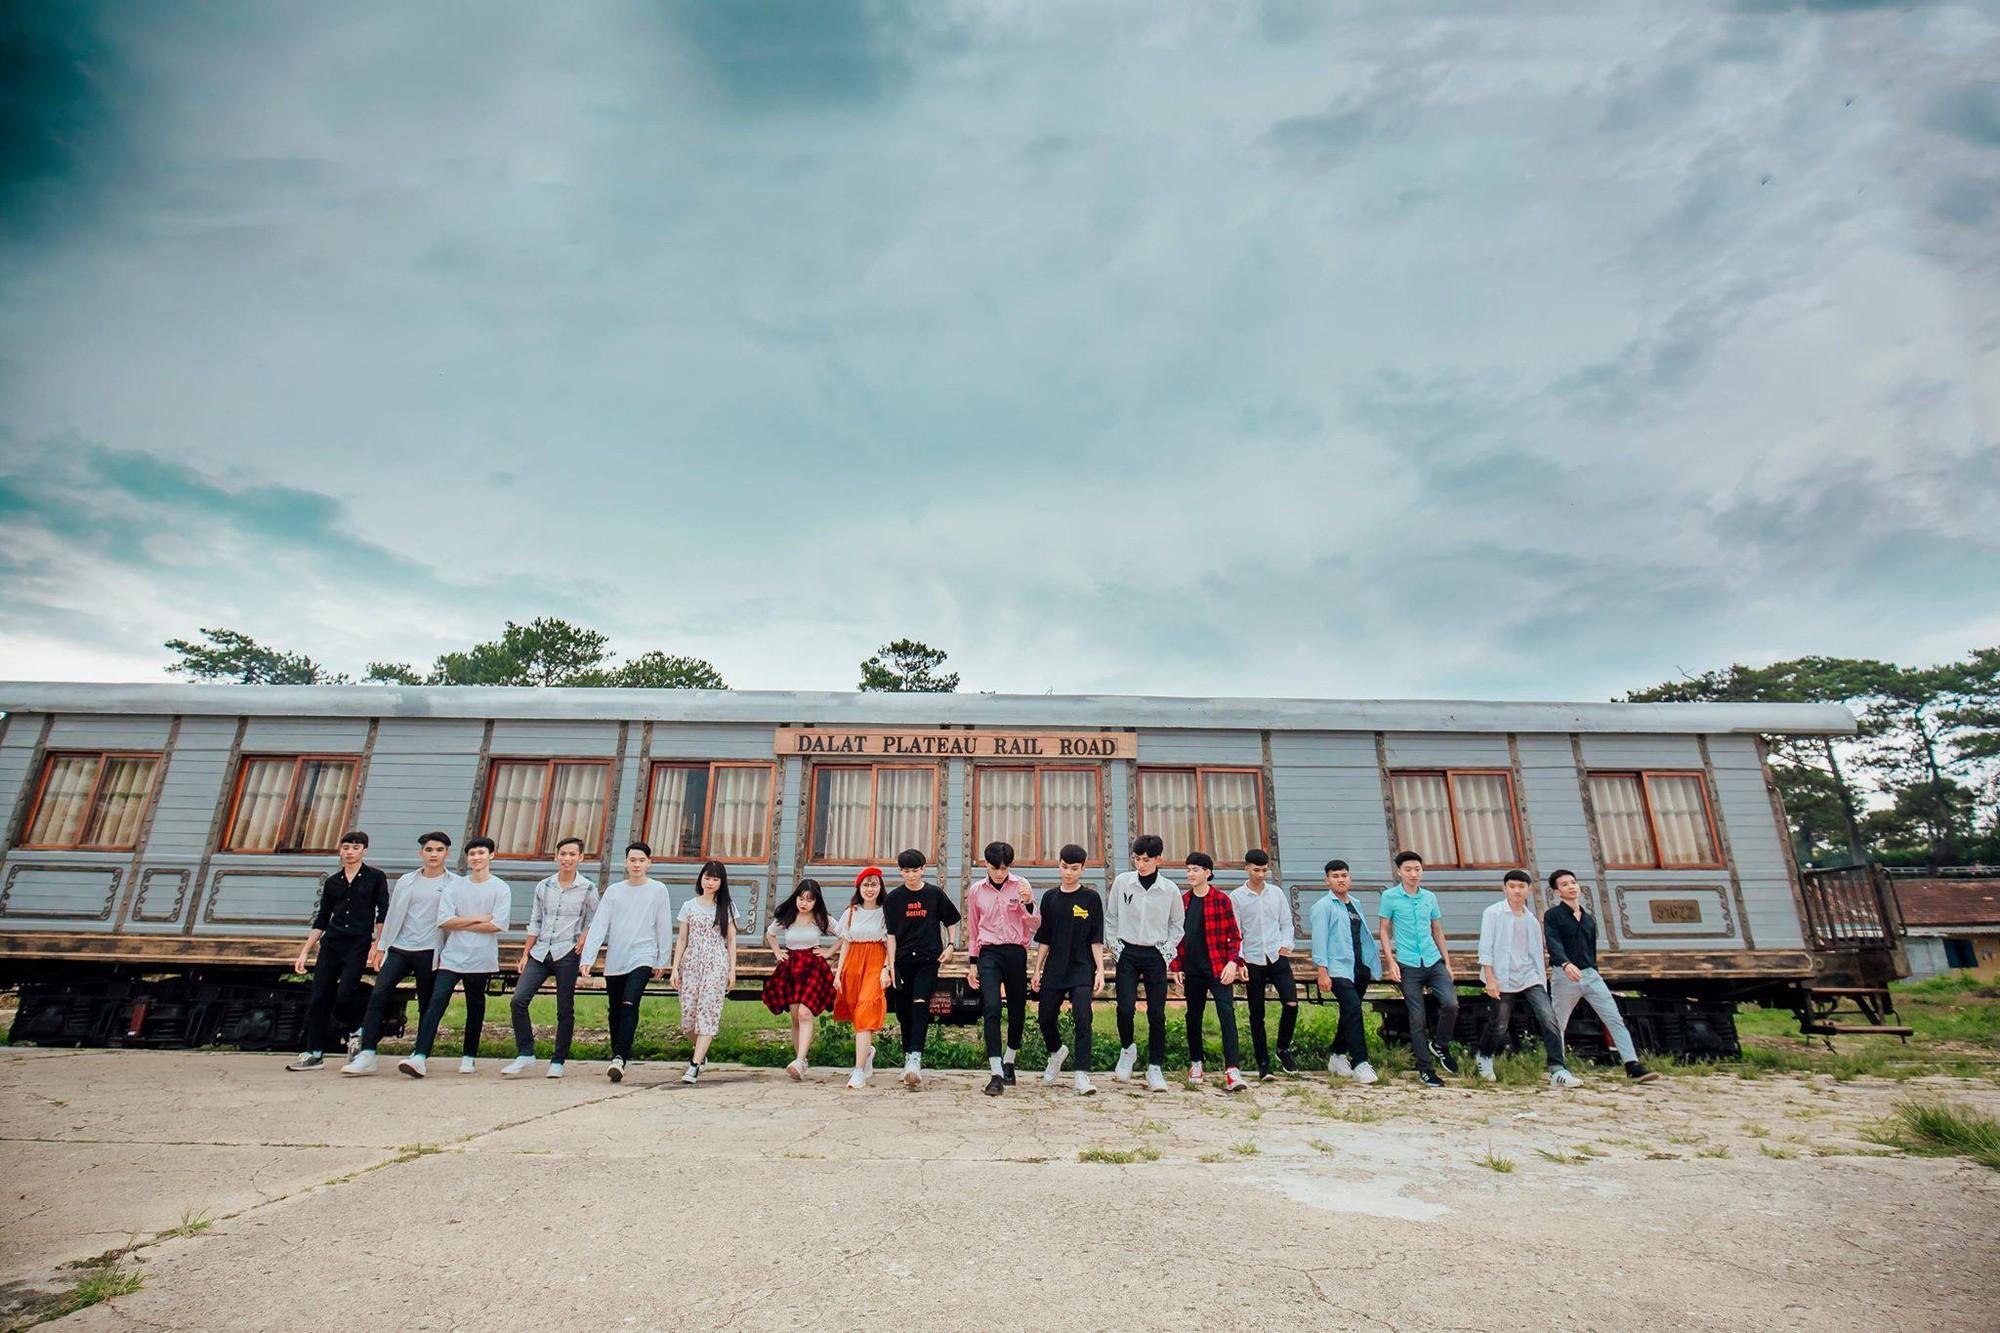 Mặc sơ mi trắng nhảy Panama siêu đẹp, nhóm nam sinh phố núi Đắk Lắk thể hiện độ chất chơi không kém ai - Ảnh 4.